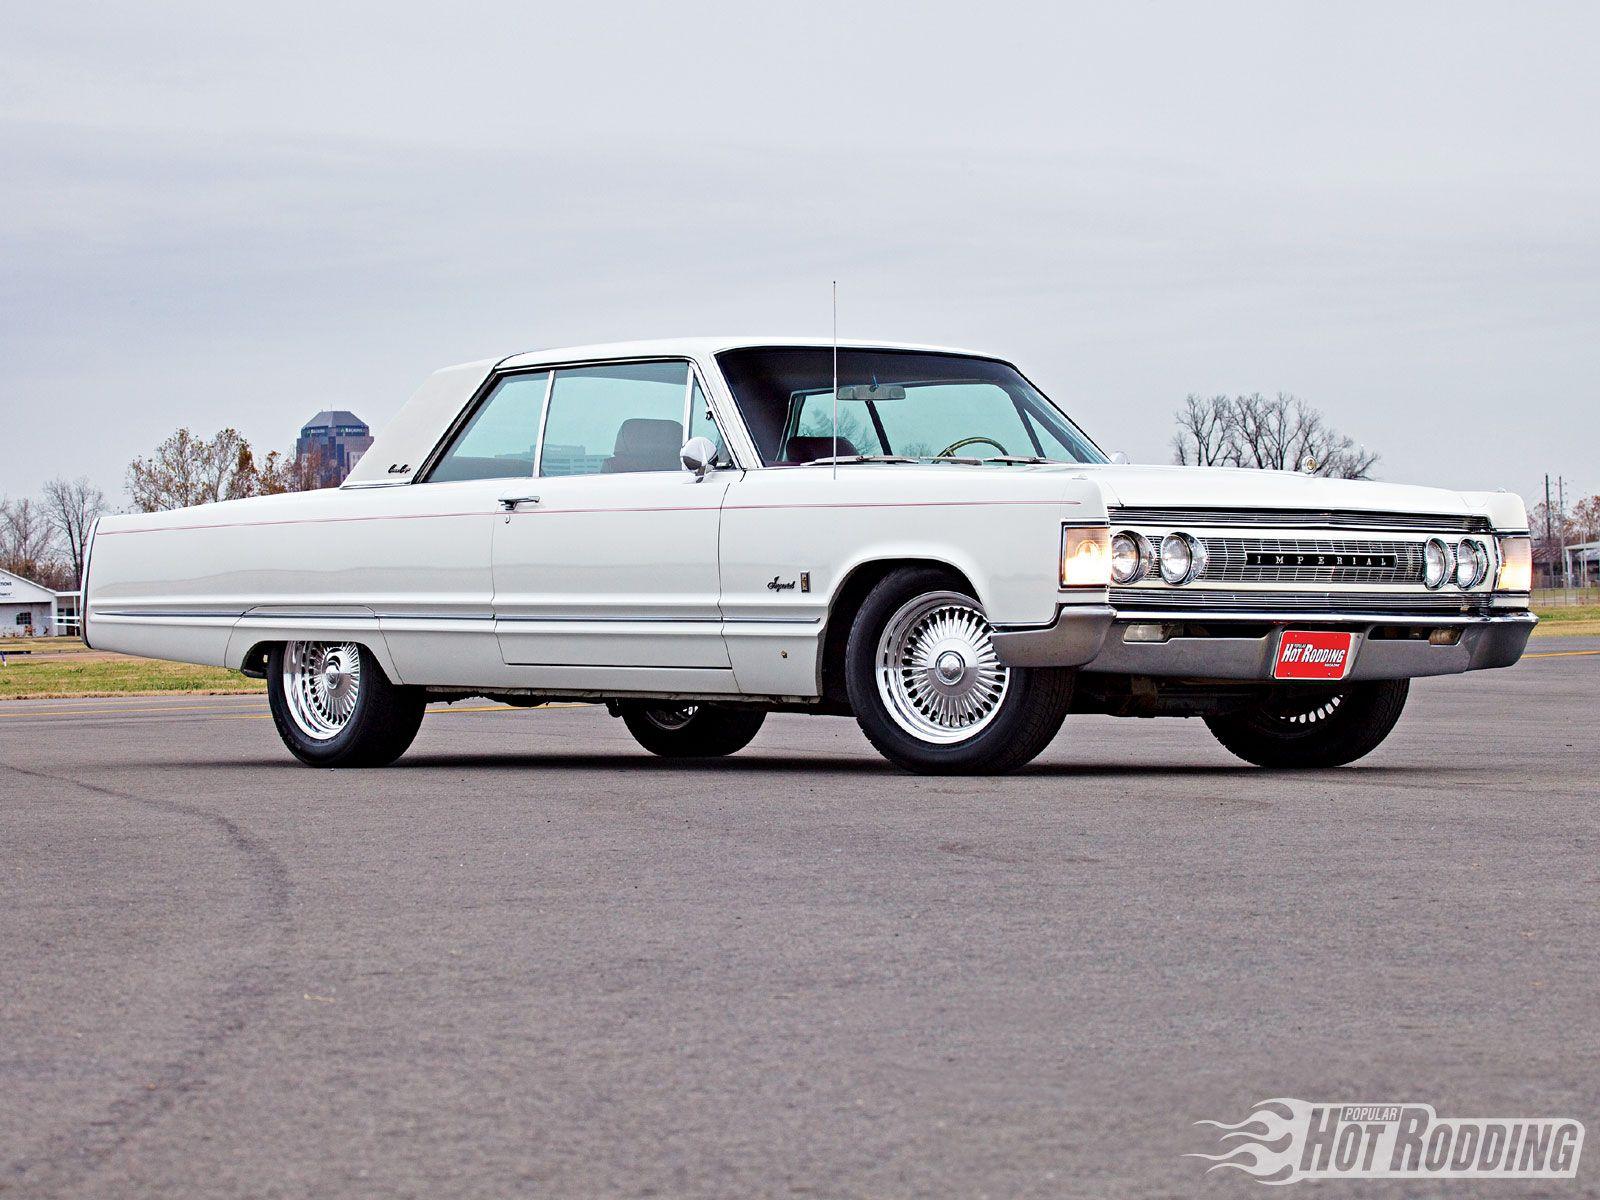 1967 Chrysler Imperial Crown Coupe Chrysler Imperial Chrysler Chrysler Cars